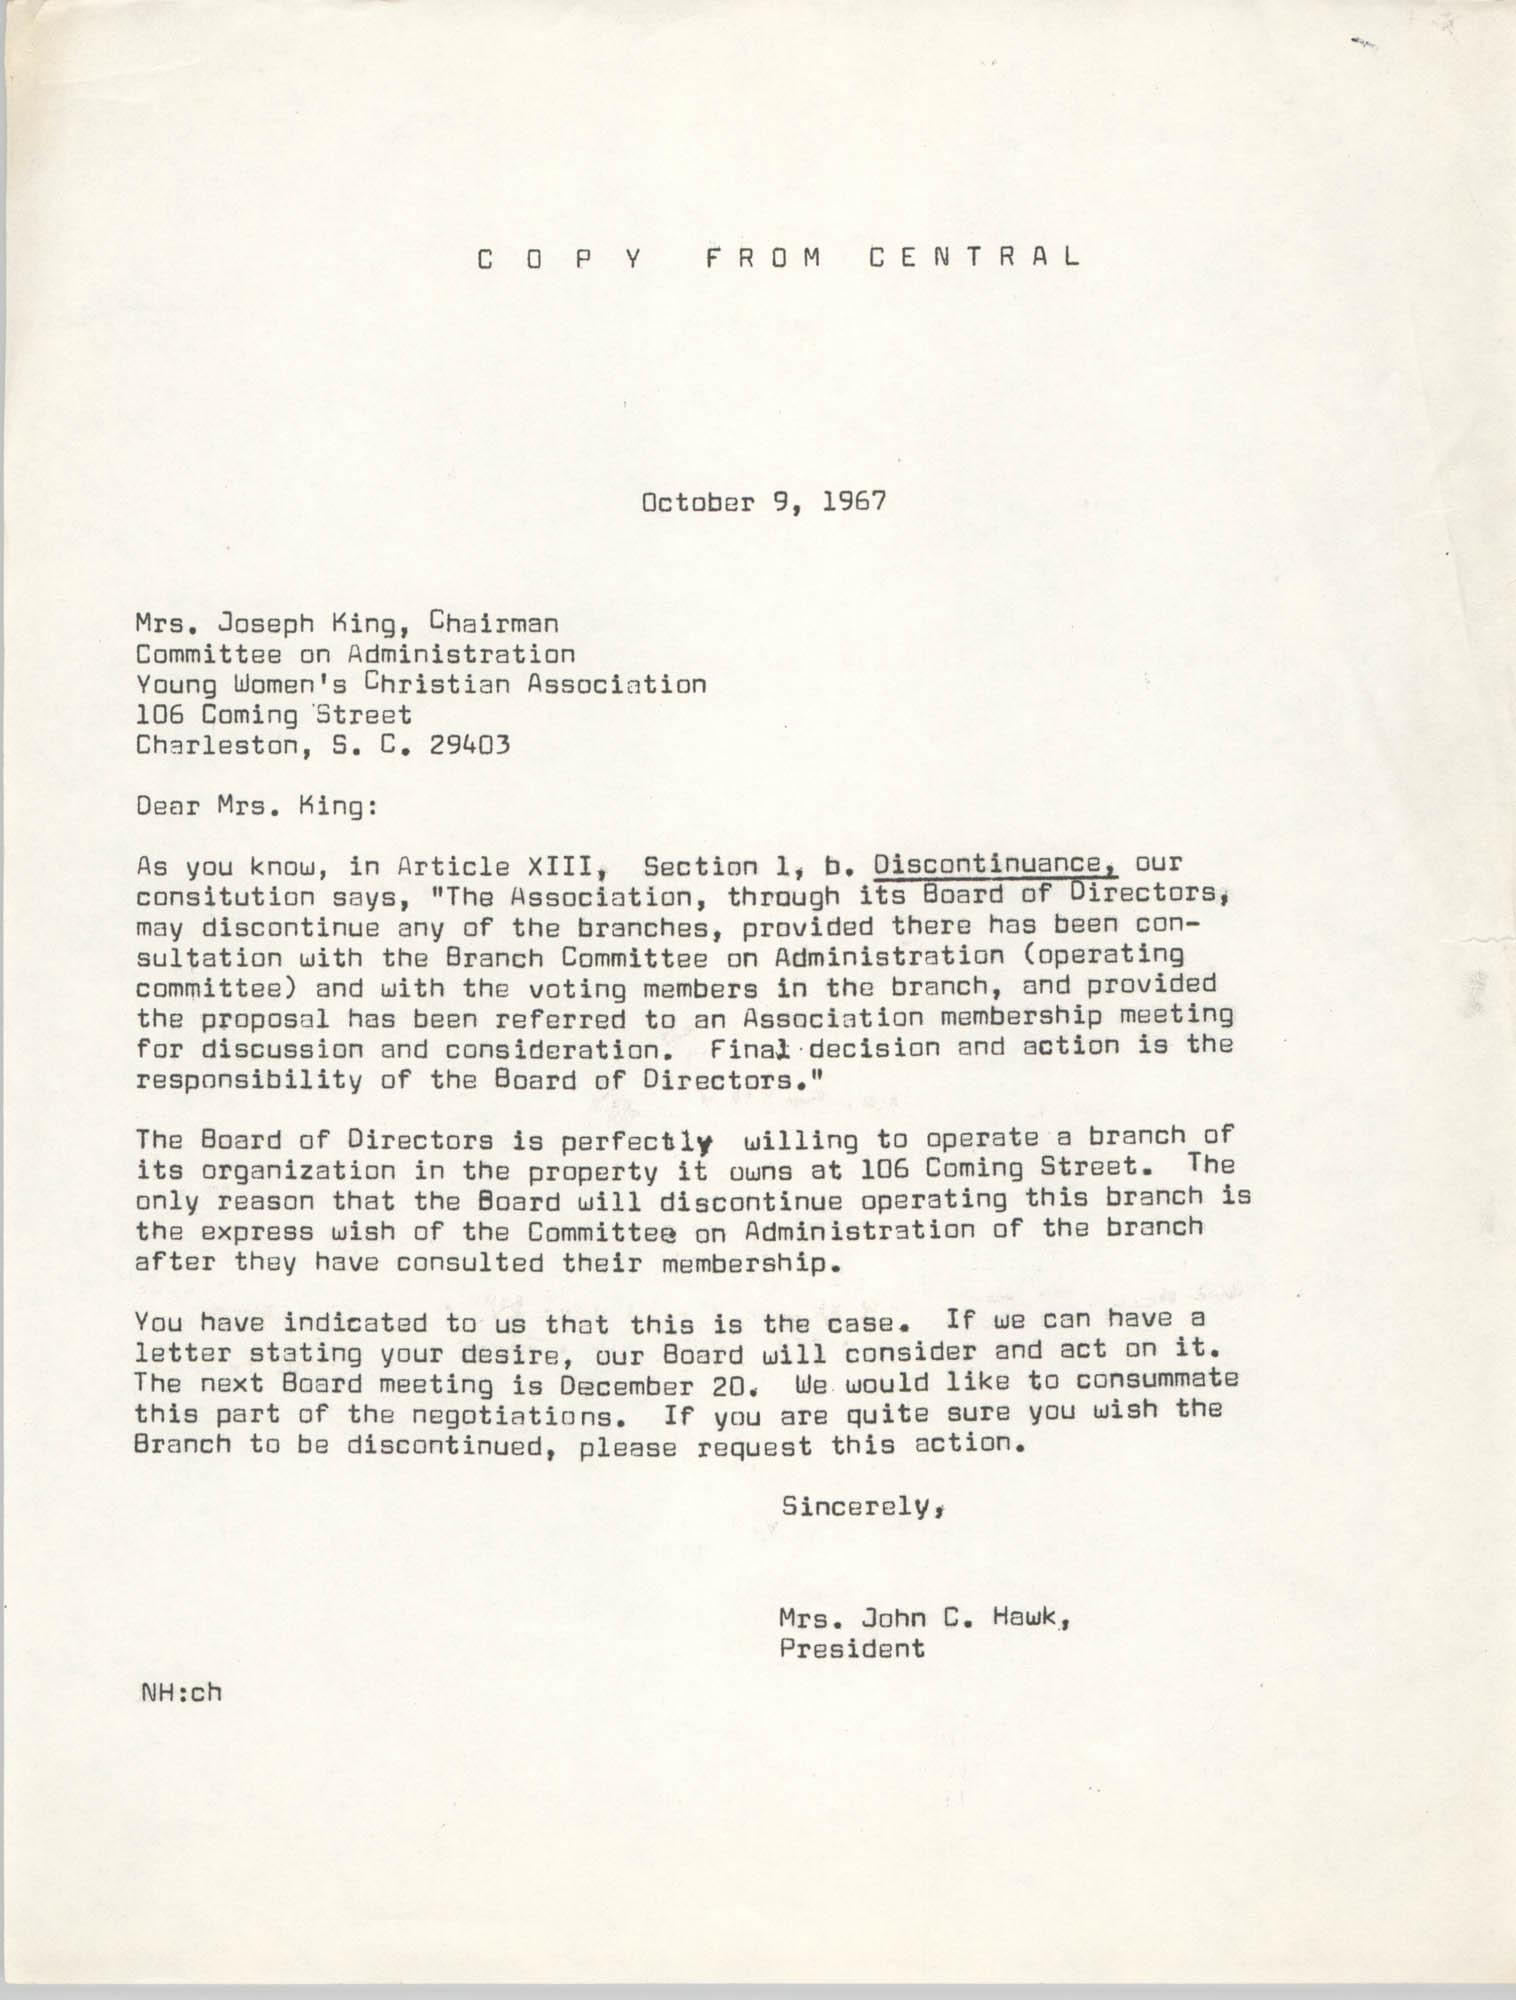 Letter from Mrs. John C. Hawk to Mrs. Joseph King, October 9, 1967